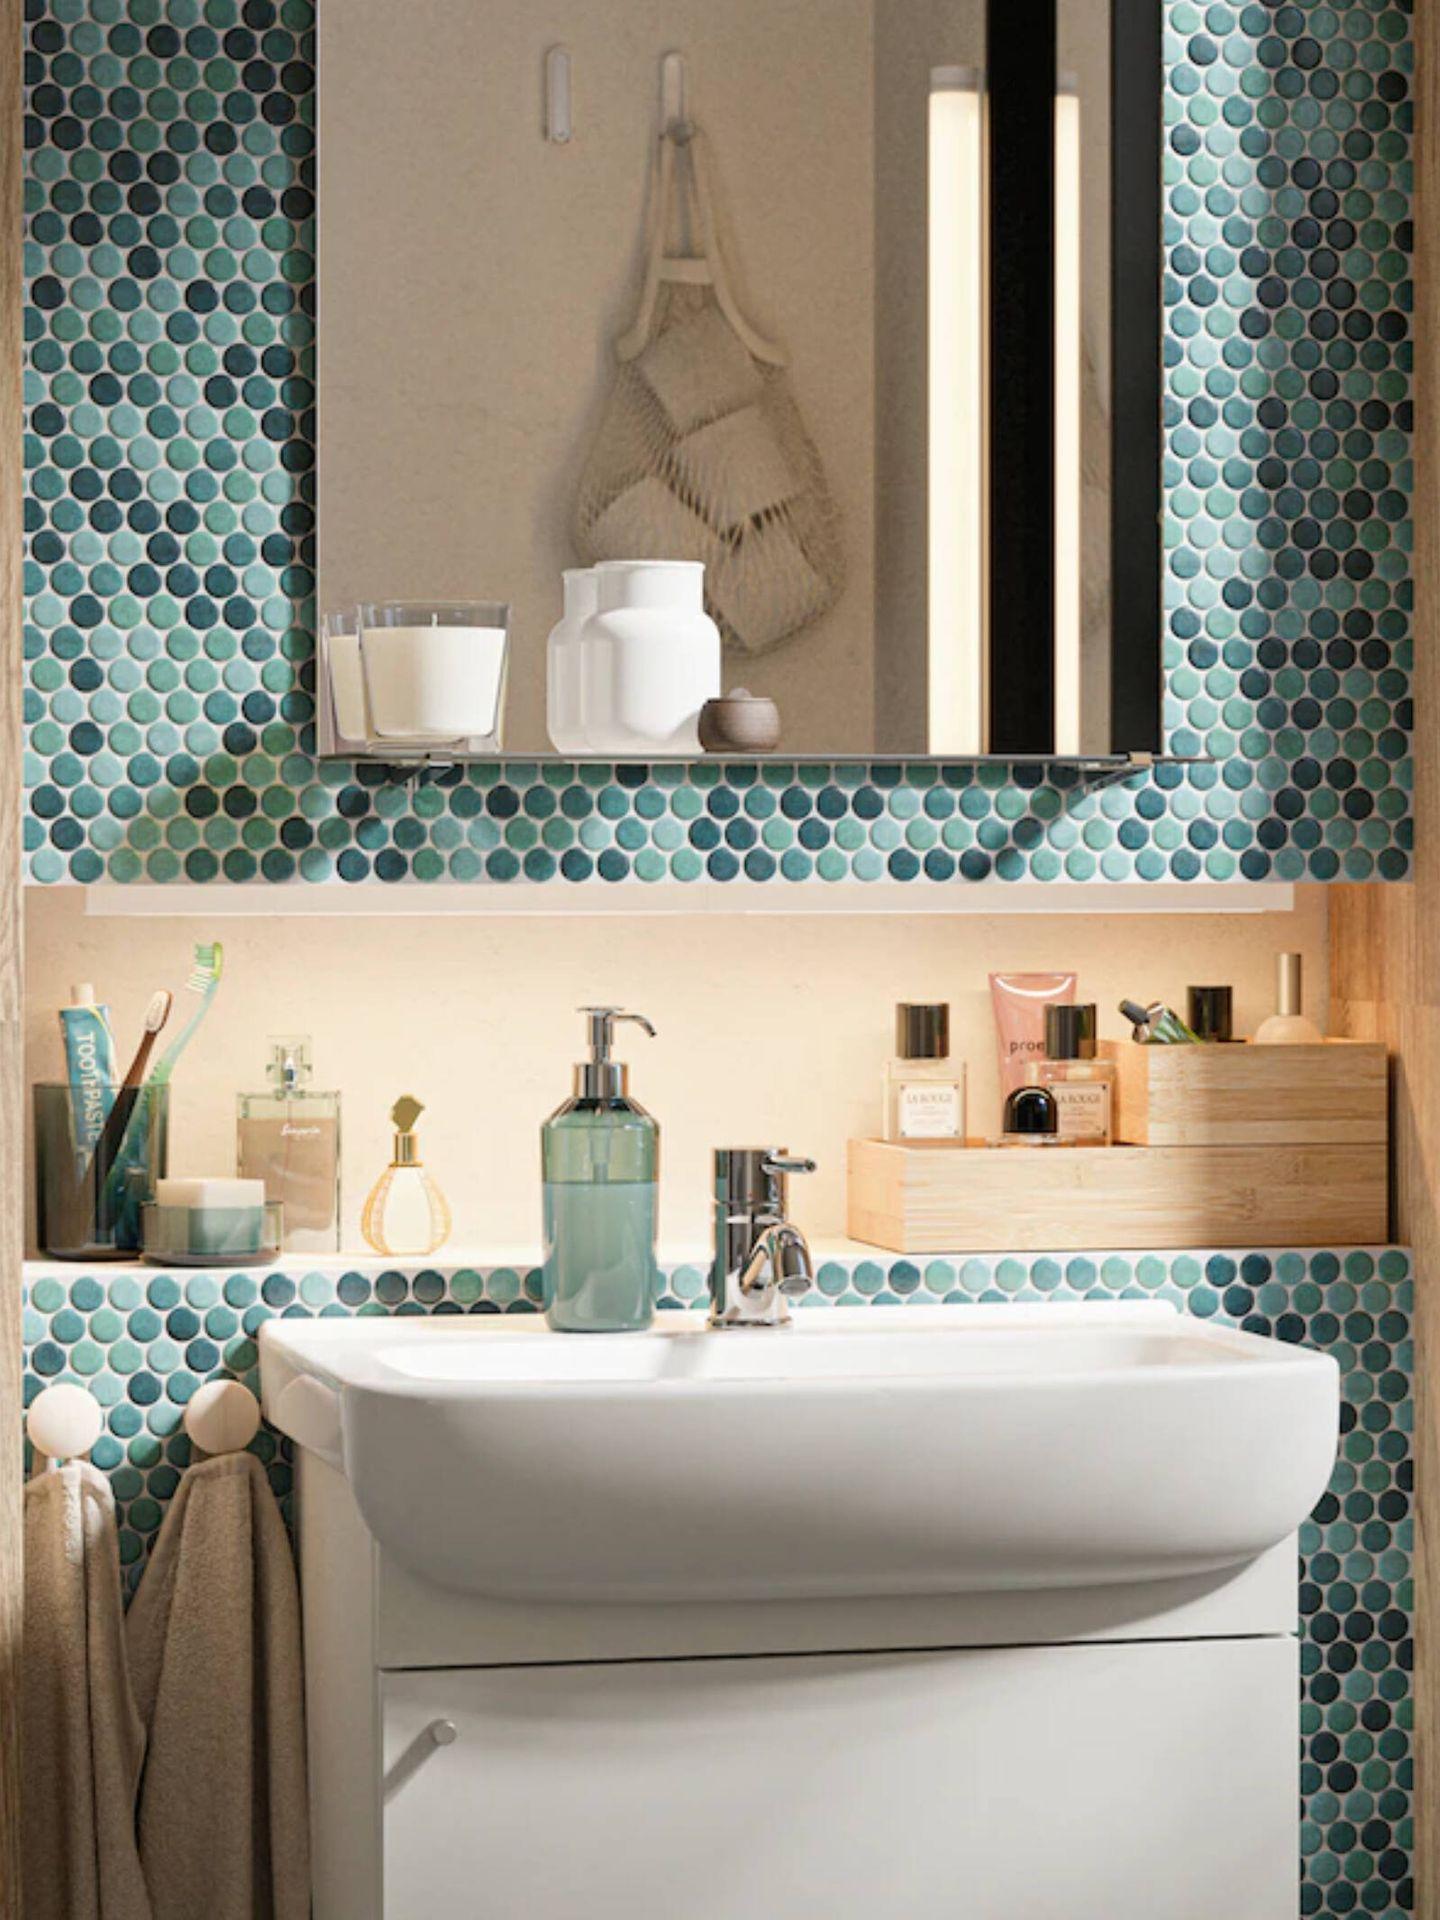 Ideas de Ikea para un baño genial. (Cortesía)